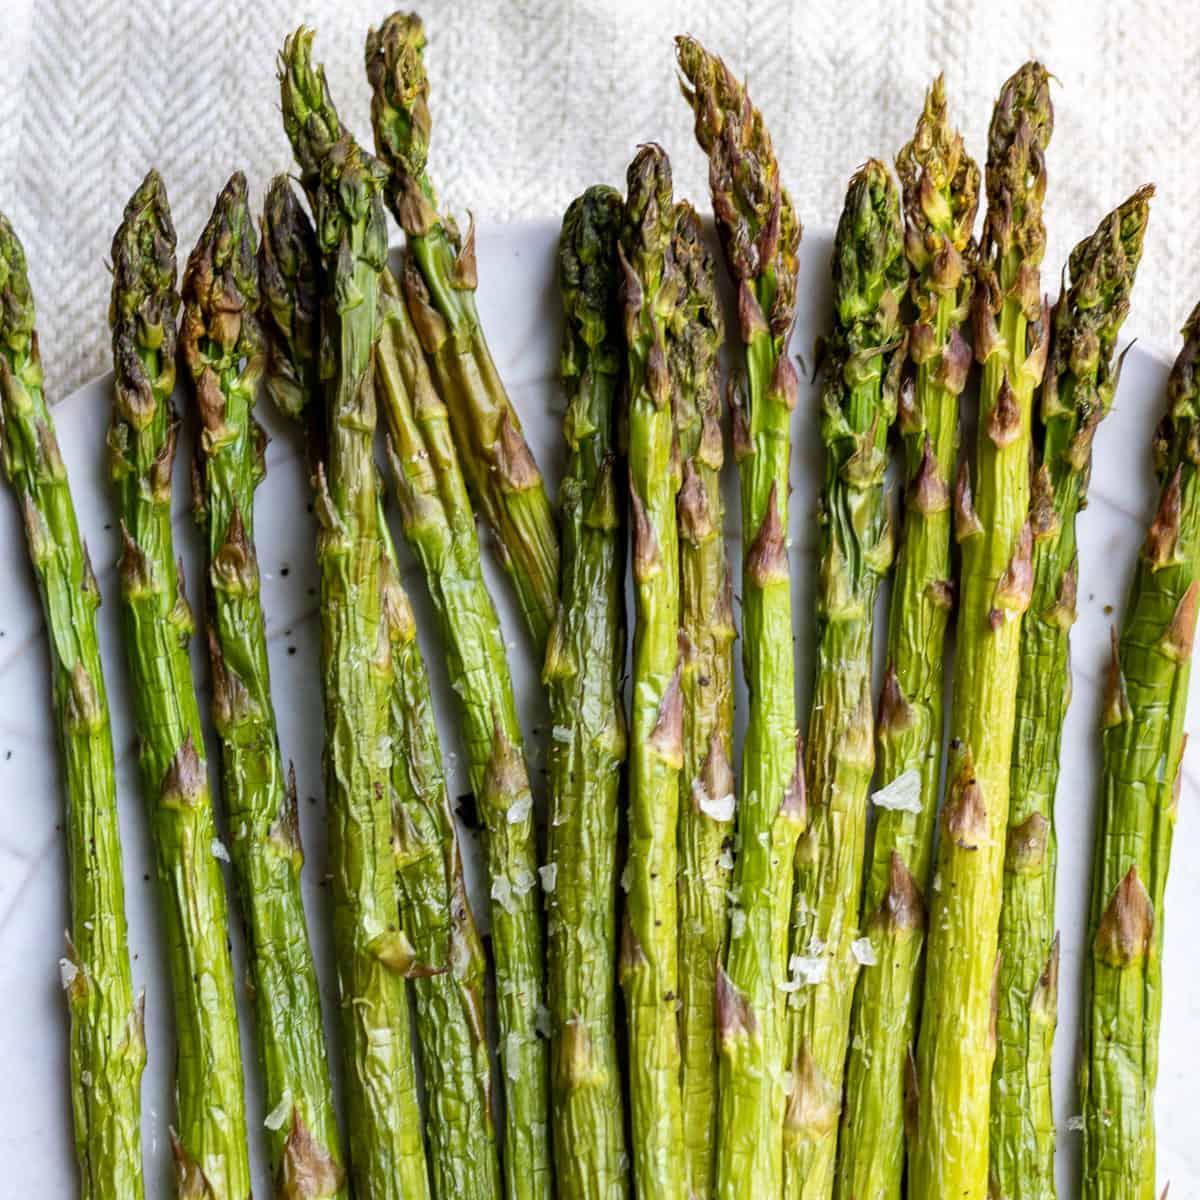 Rows of asparagus.